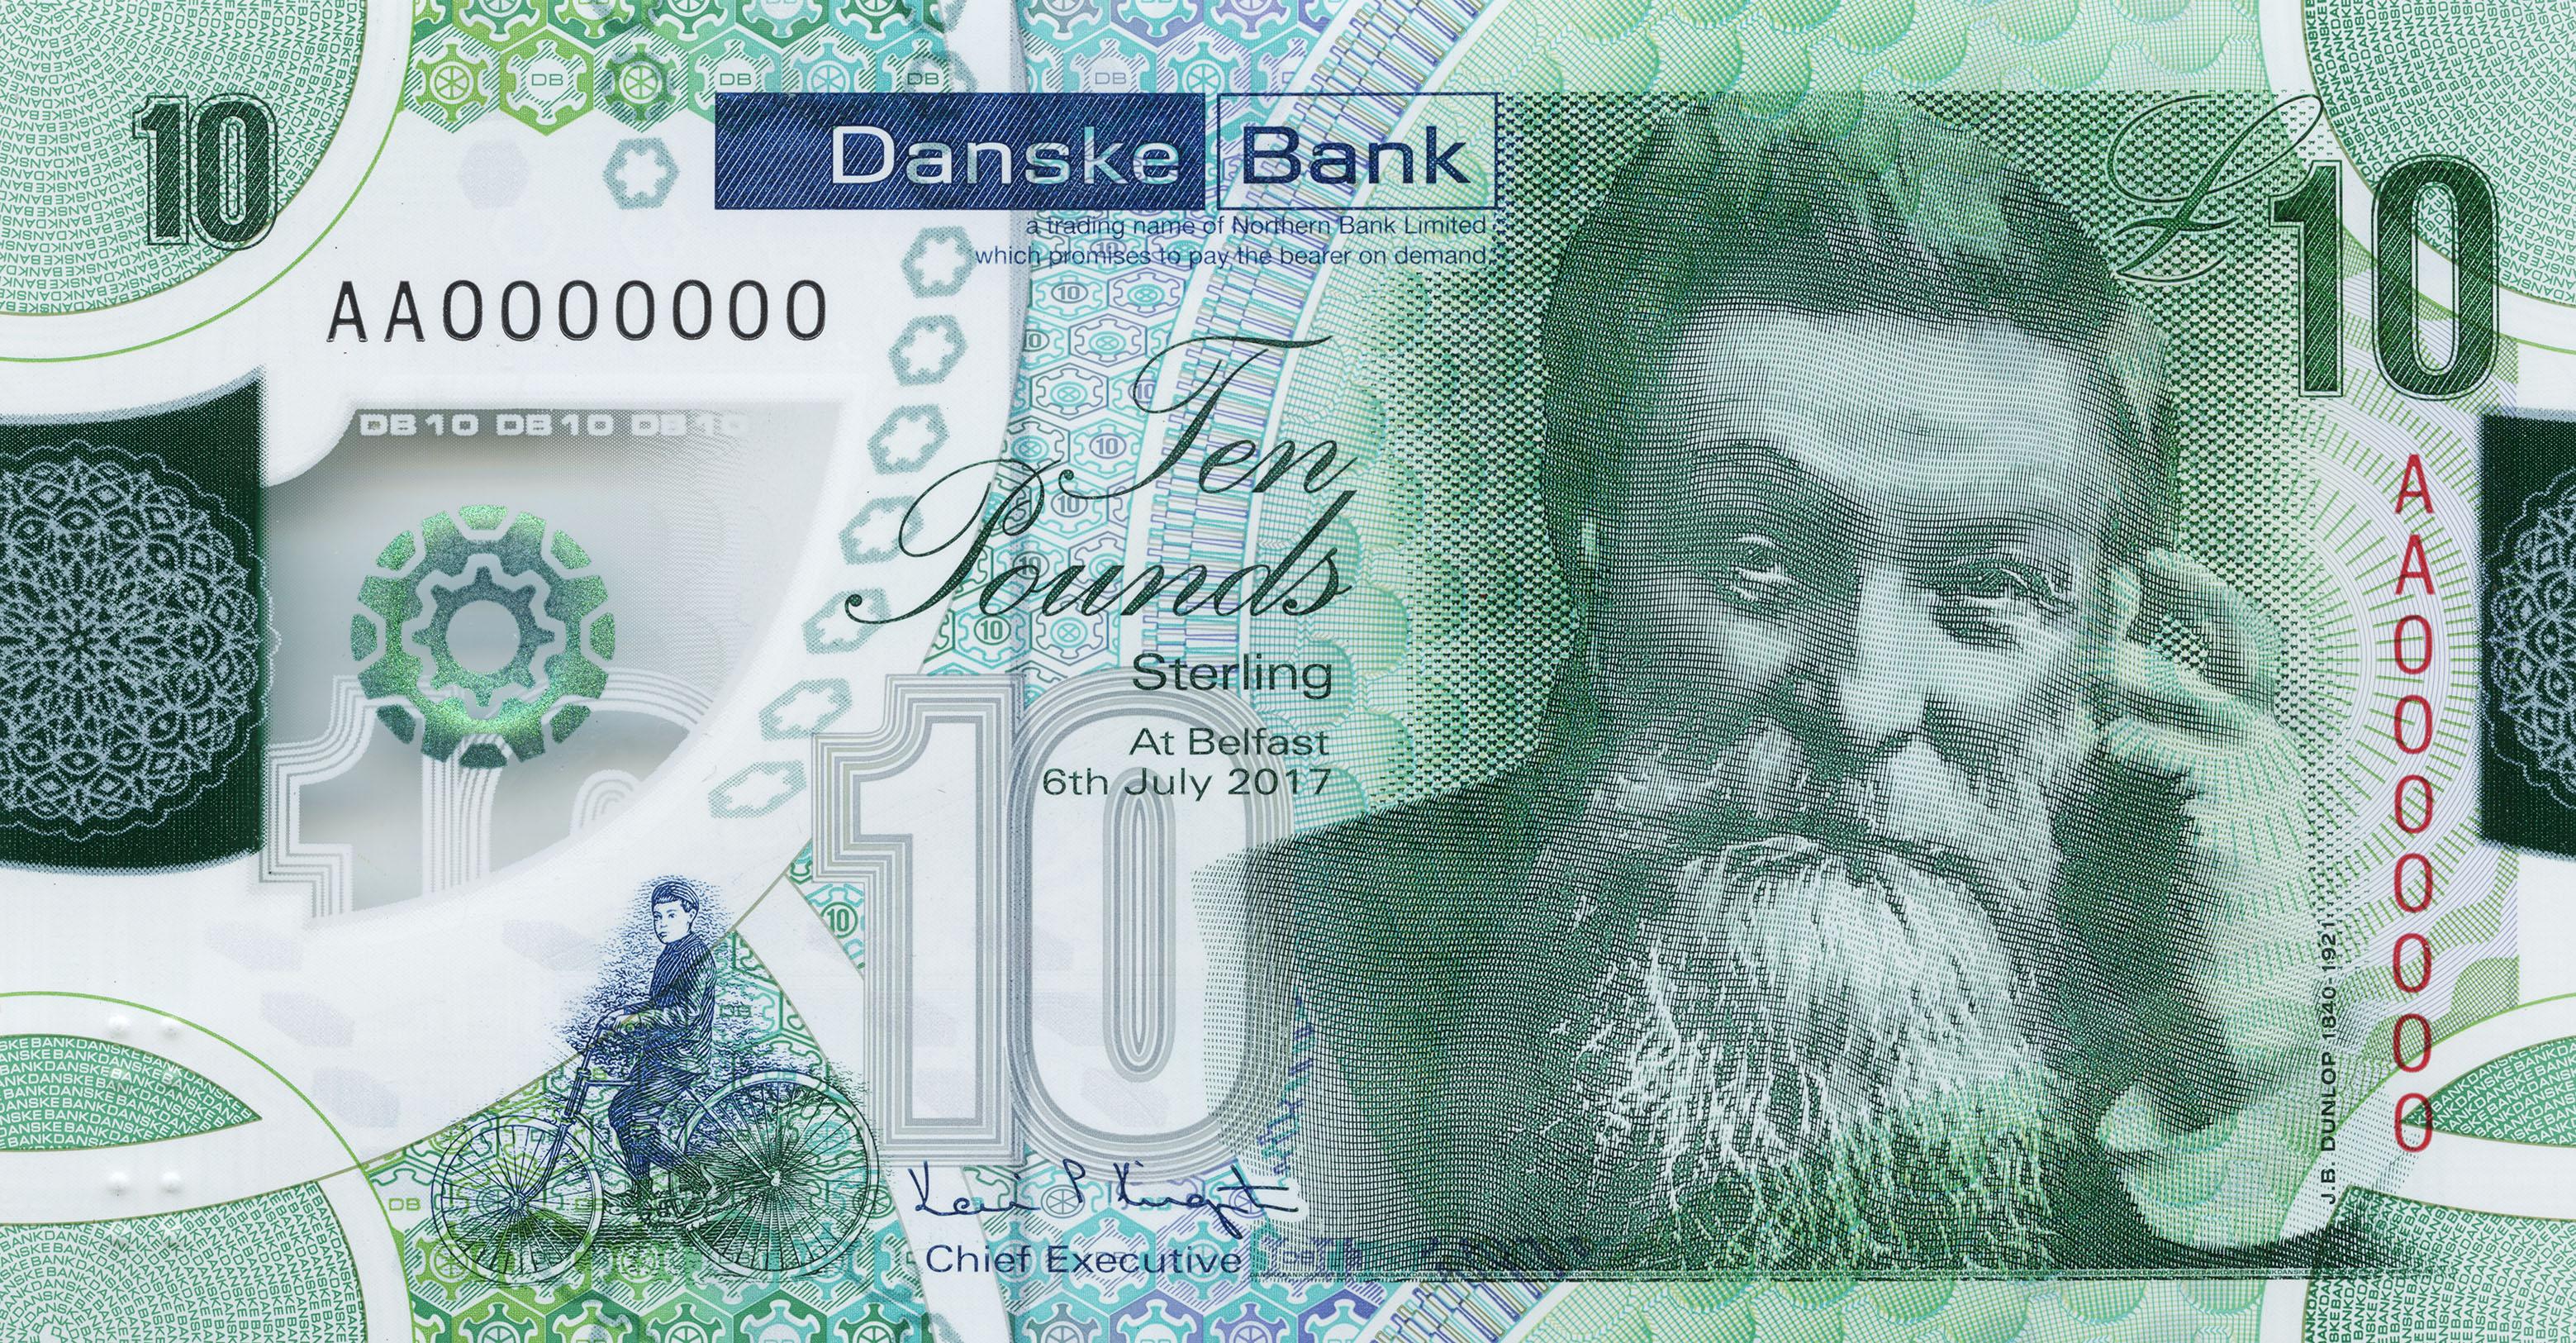 danske let bank